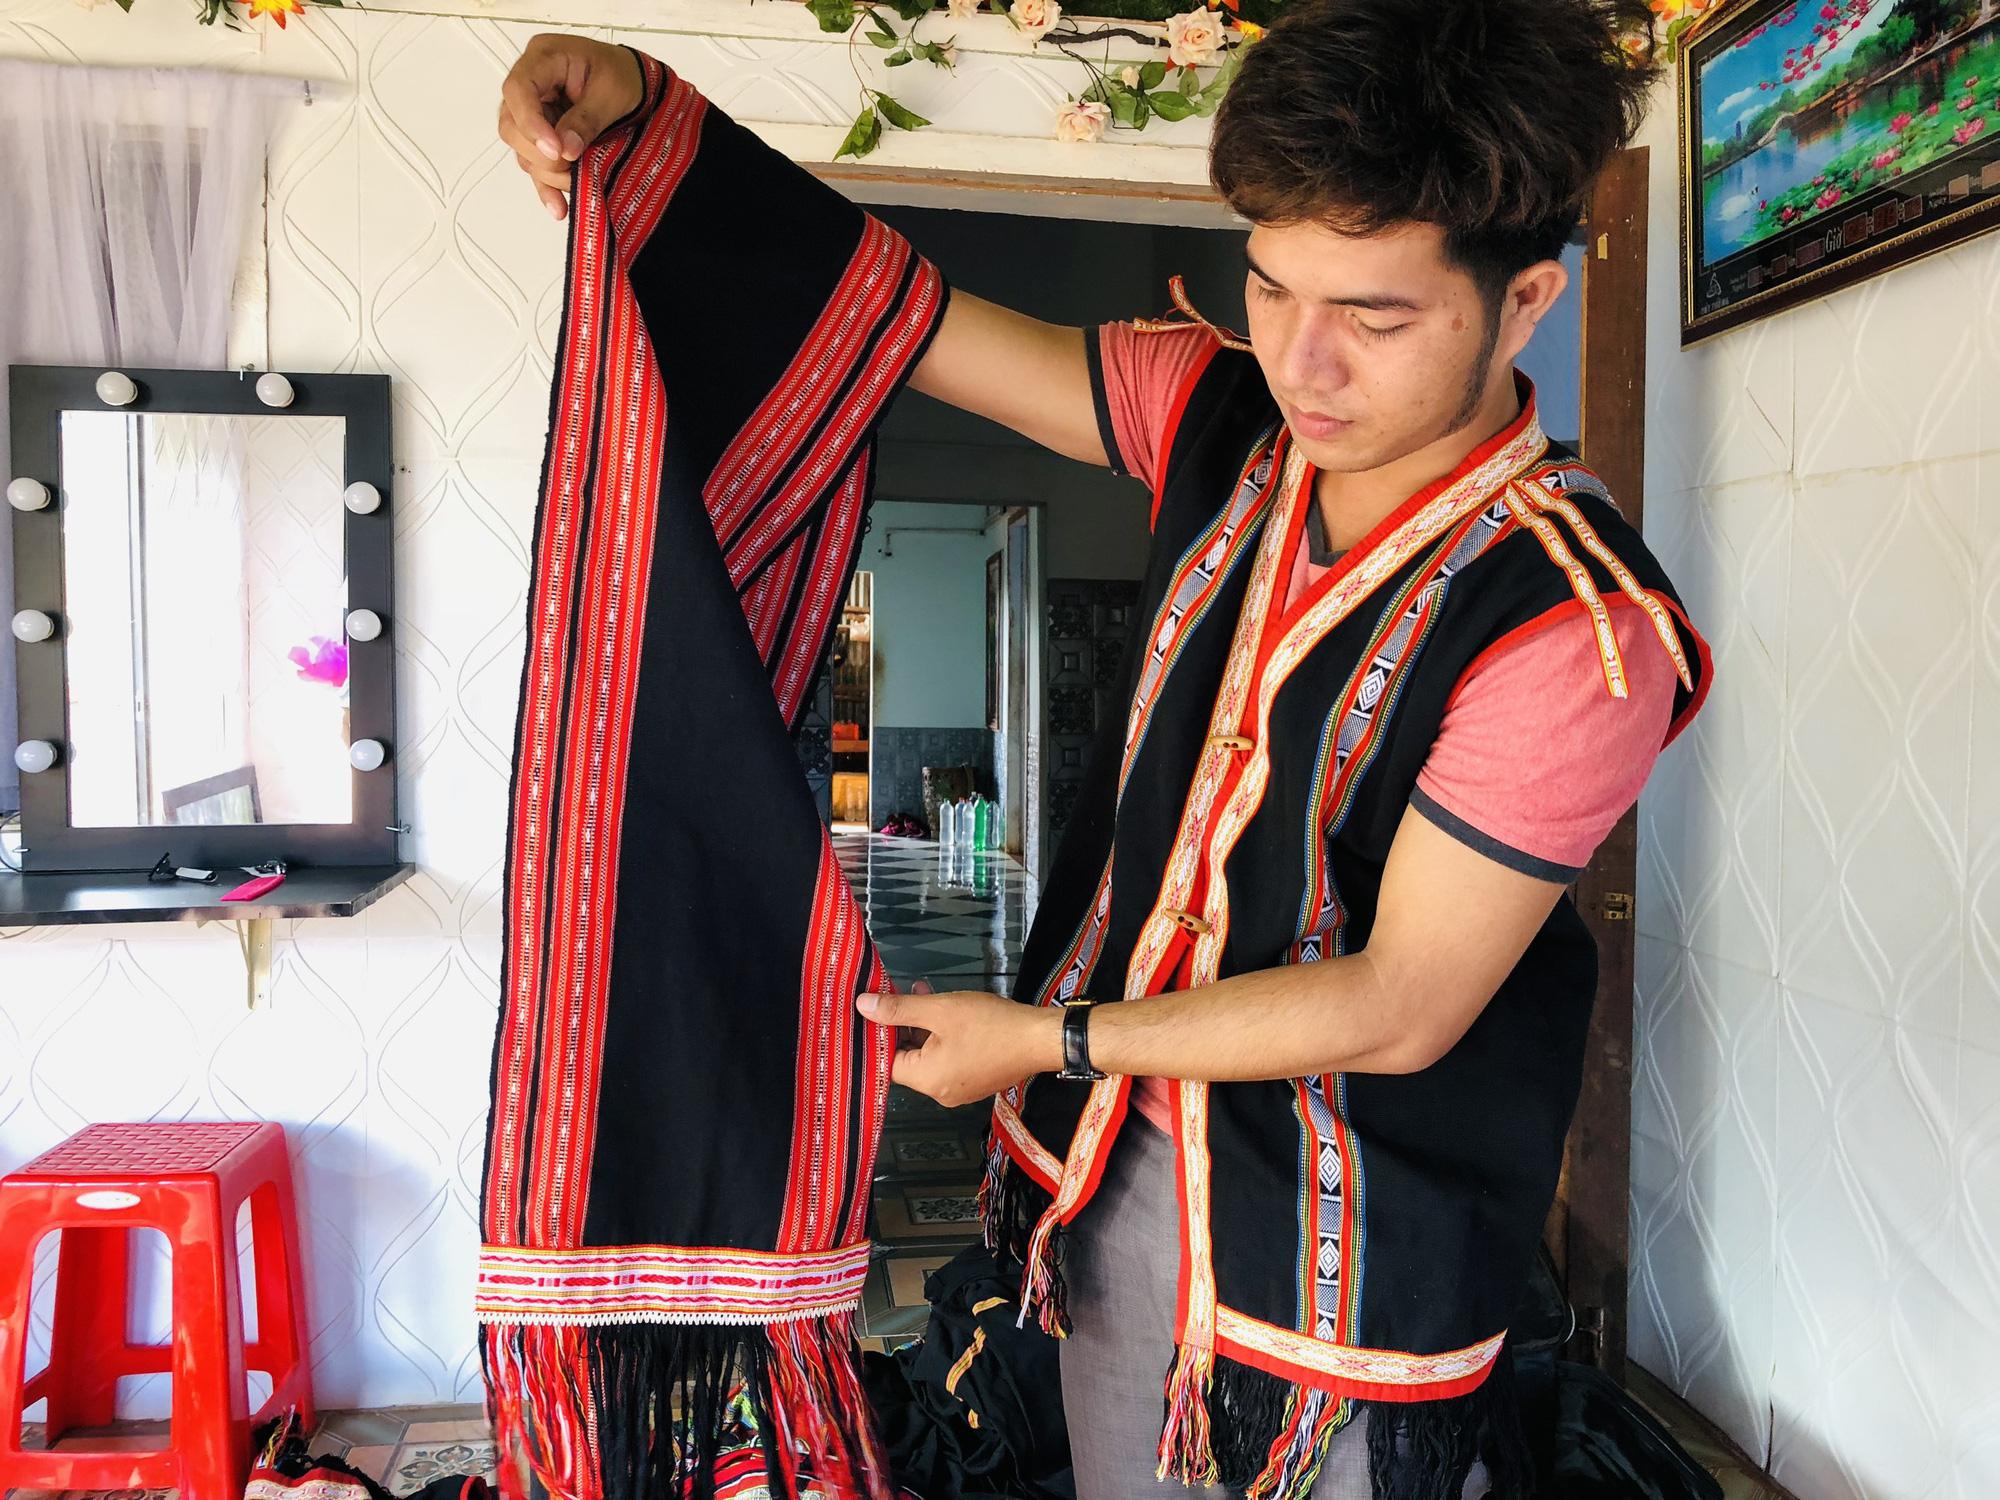 Gia Lai: Thầy giáo hotboy người Banar với khát vọng đưa sắc màu thổ cẩm vươn xa - Ảnh 3.